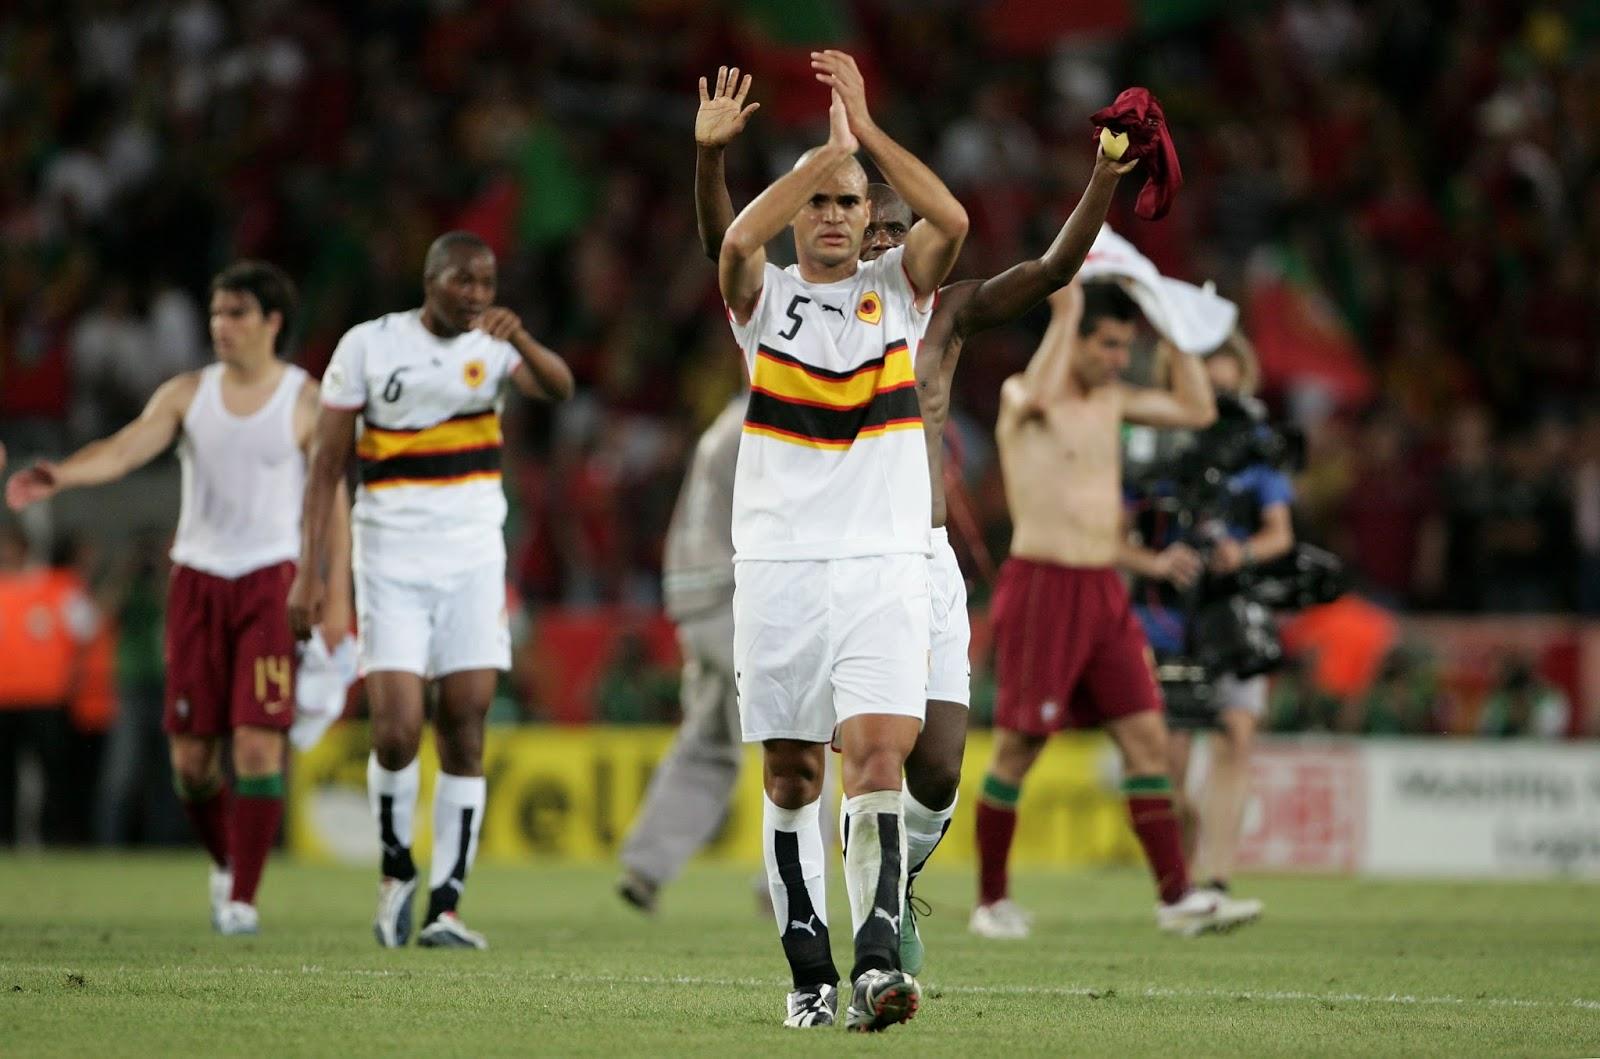 Resultado de imagen para Angola Mundial alemania 2006